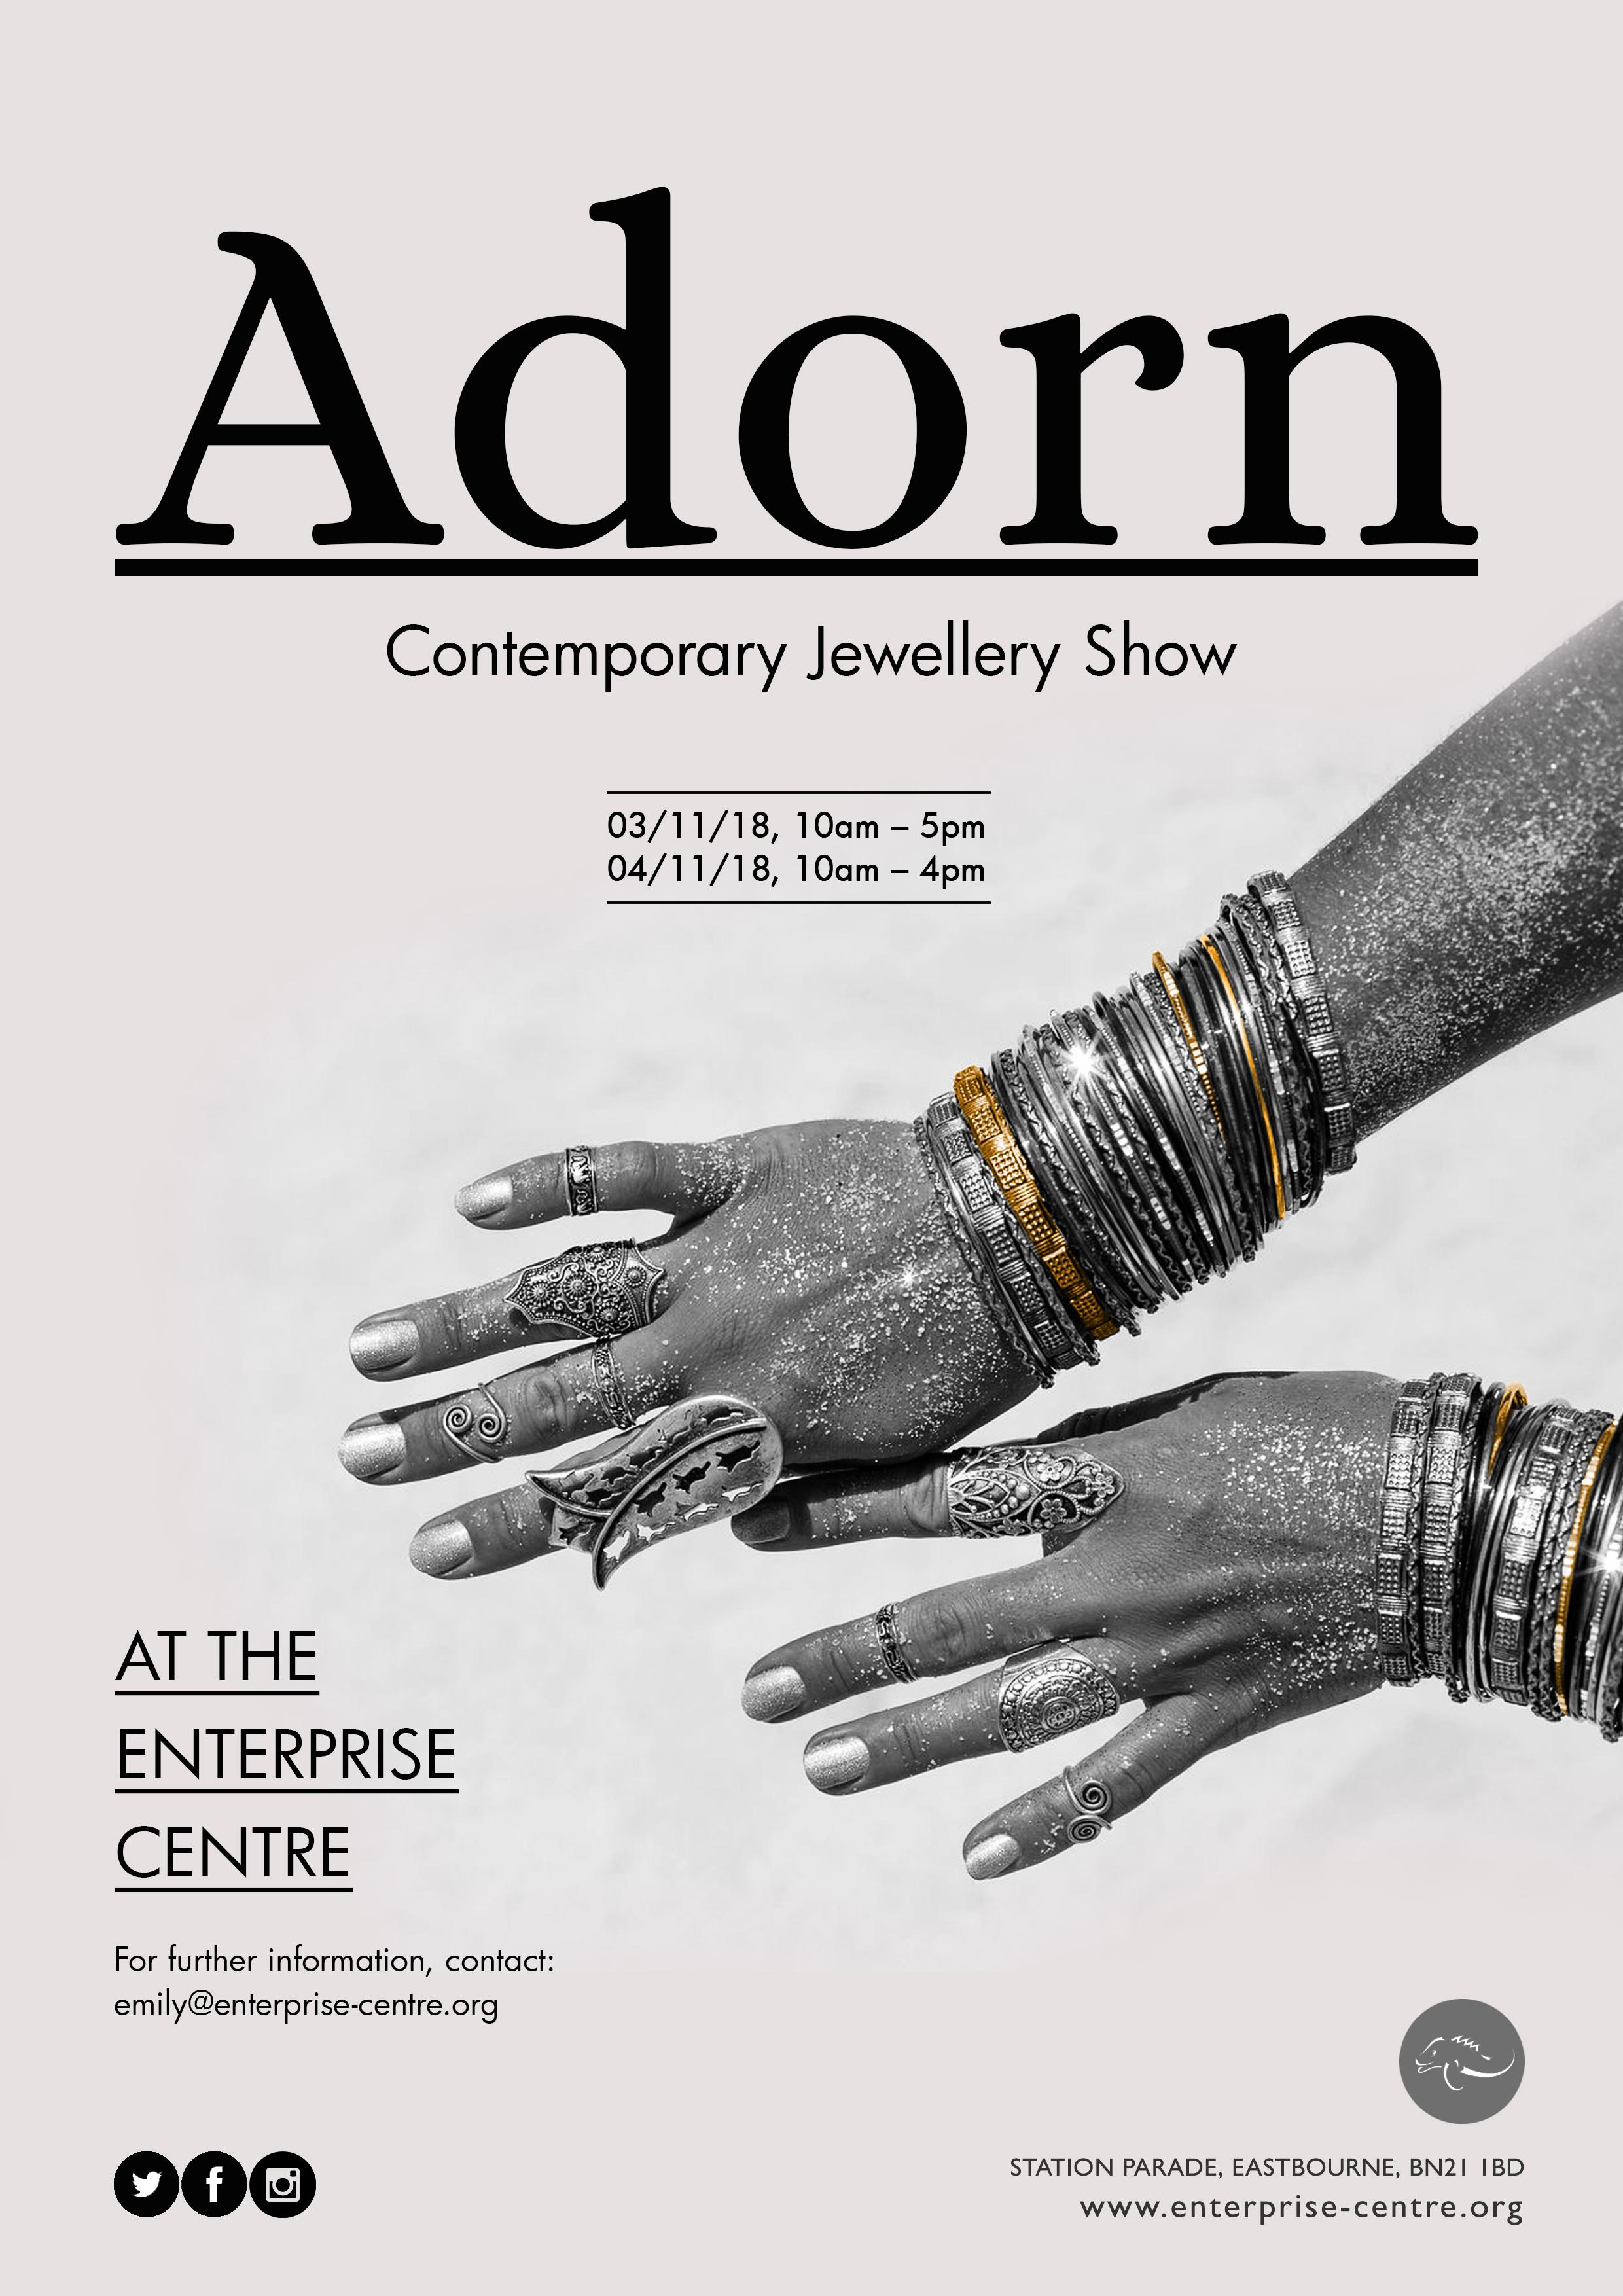 ADORN_Poster_v1.jpg